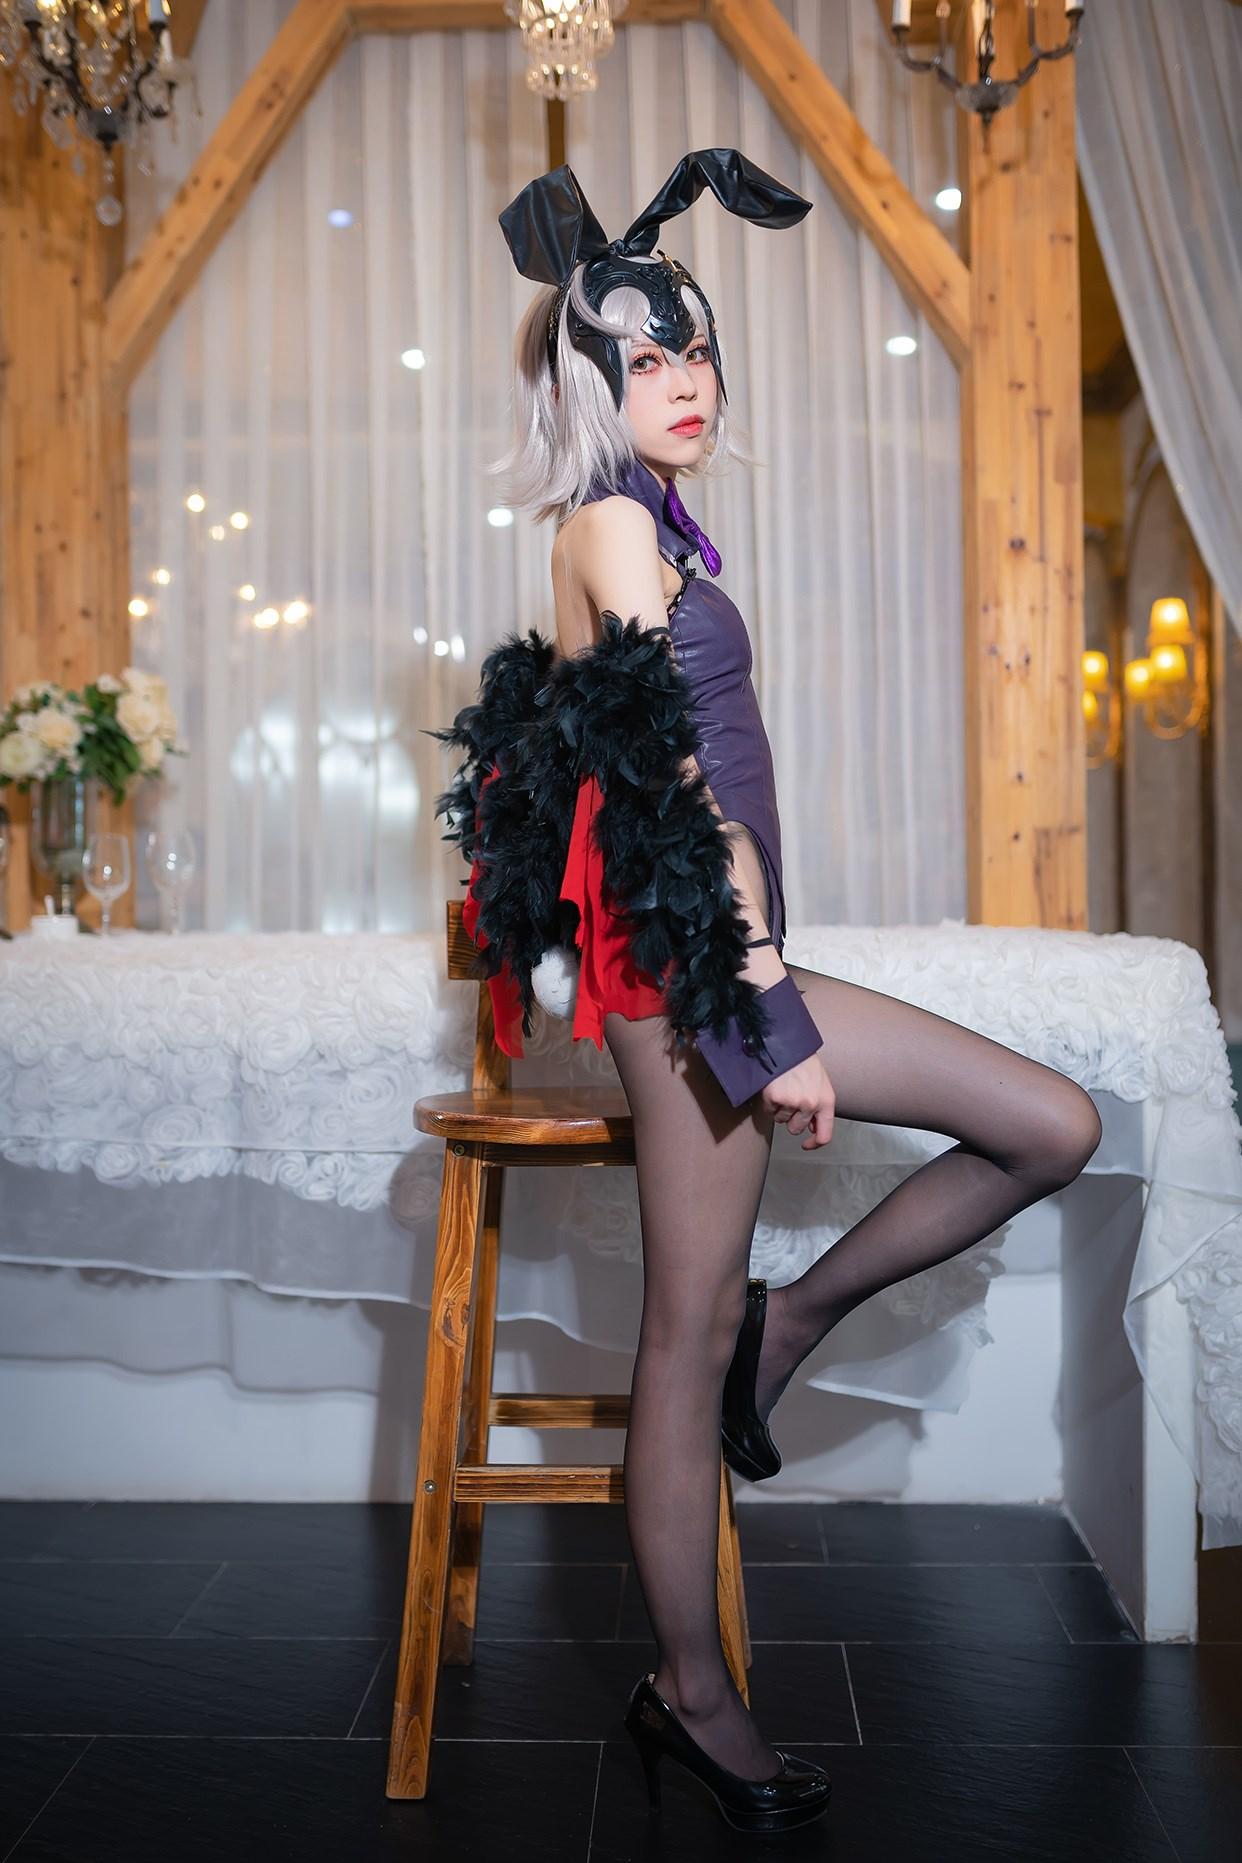 【兔玩映画】兔女郎vol.13-贞德 兔玩映画 第21张